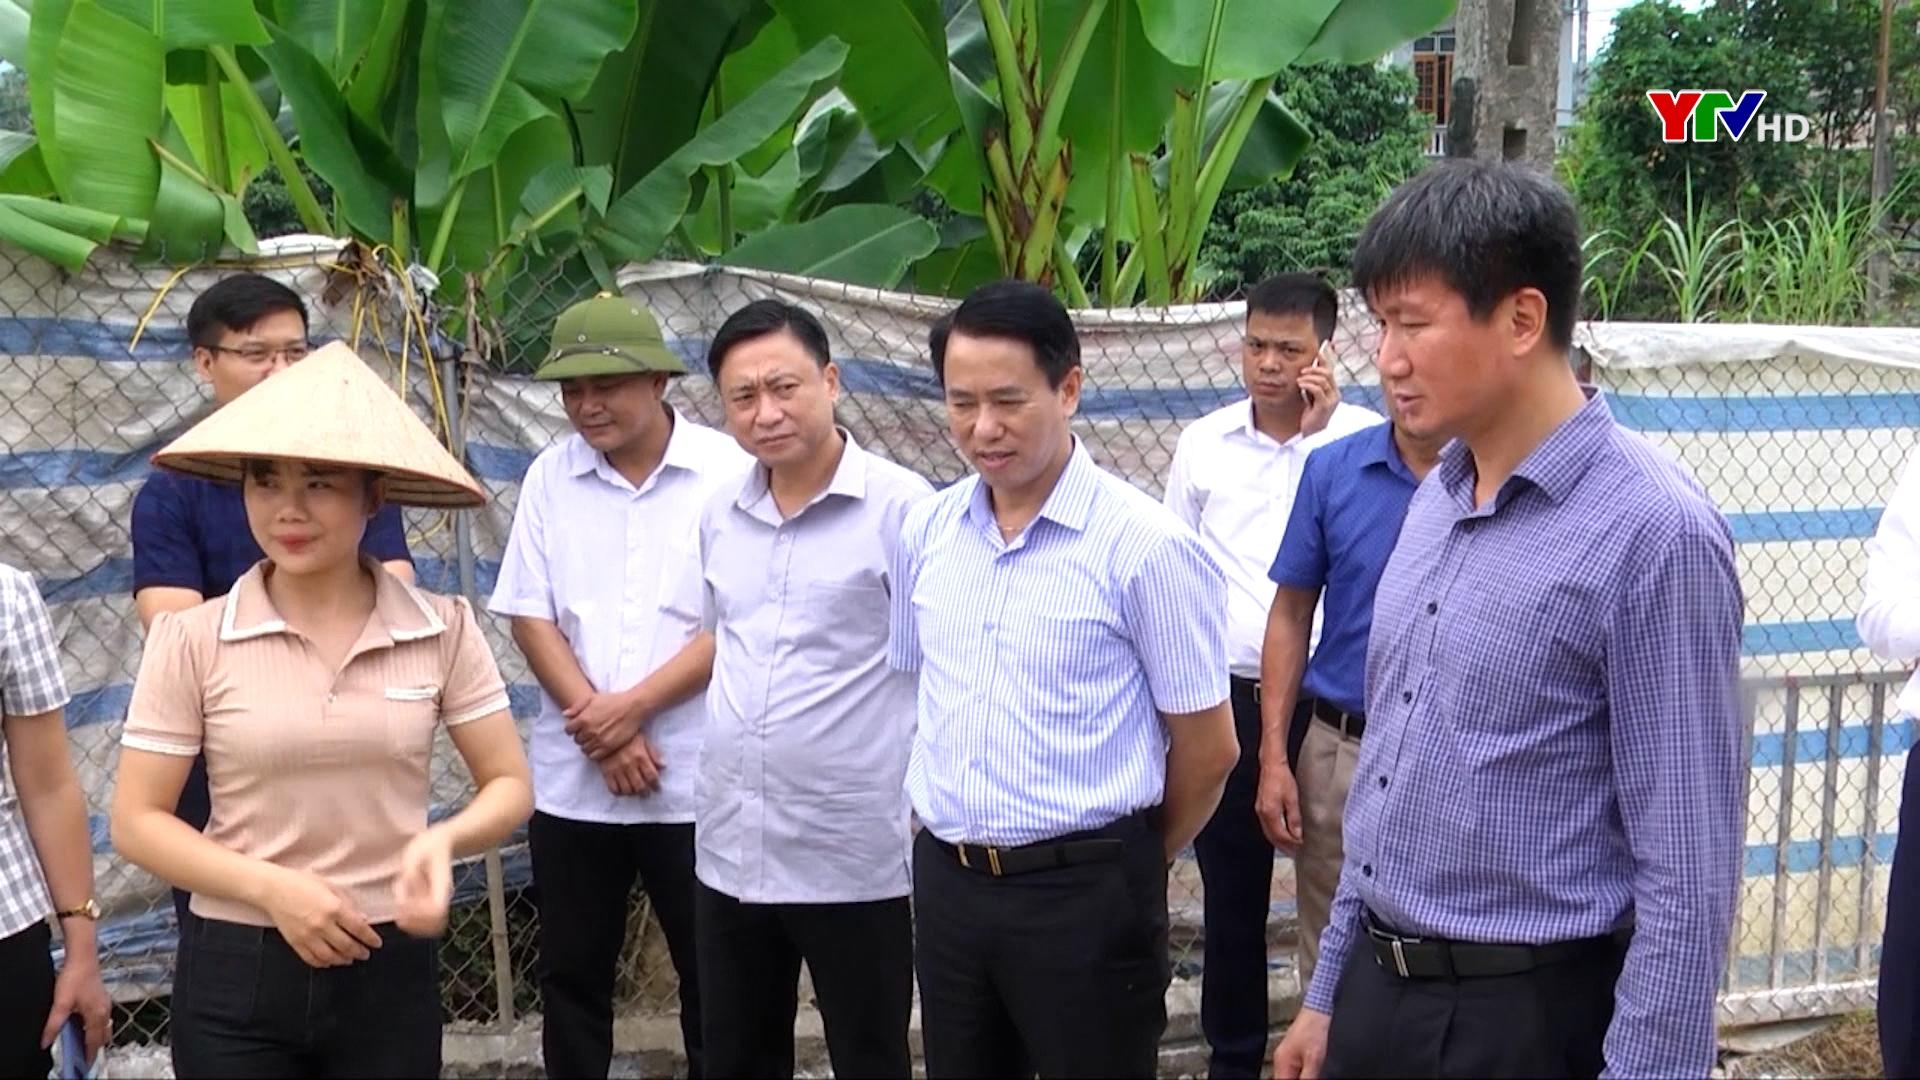 Đồng chí Chủ tịch UBND tỉnh Trần Huy Tuấn kiểm tra việc thực hiện Chương trình hành động 190 của Tỉnh ủy tại huyện Văn Yên